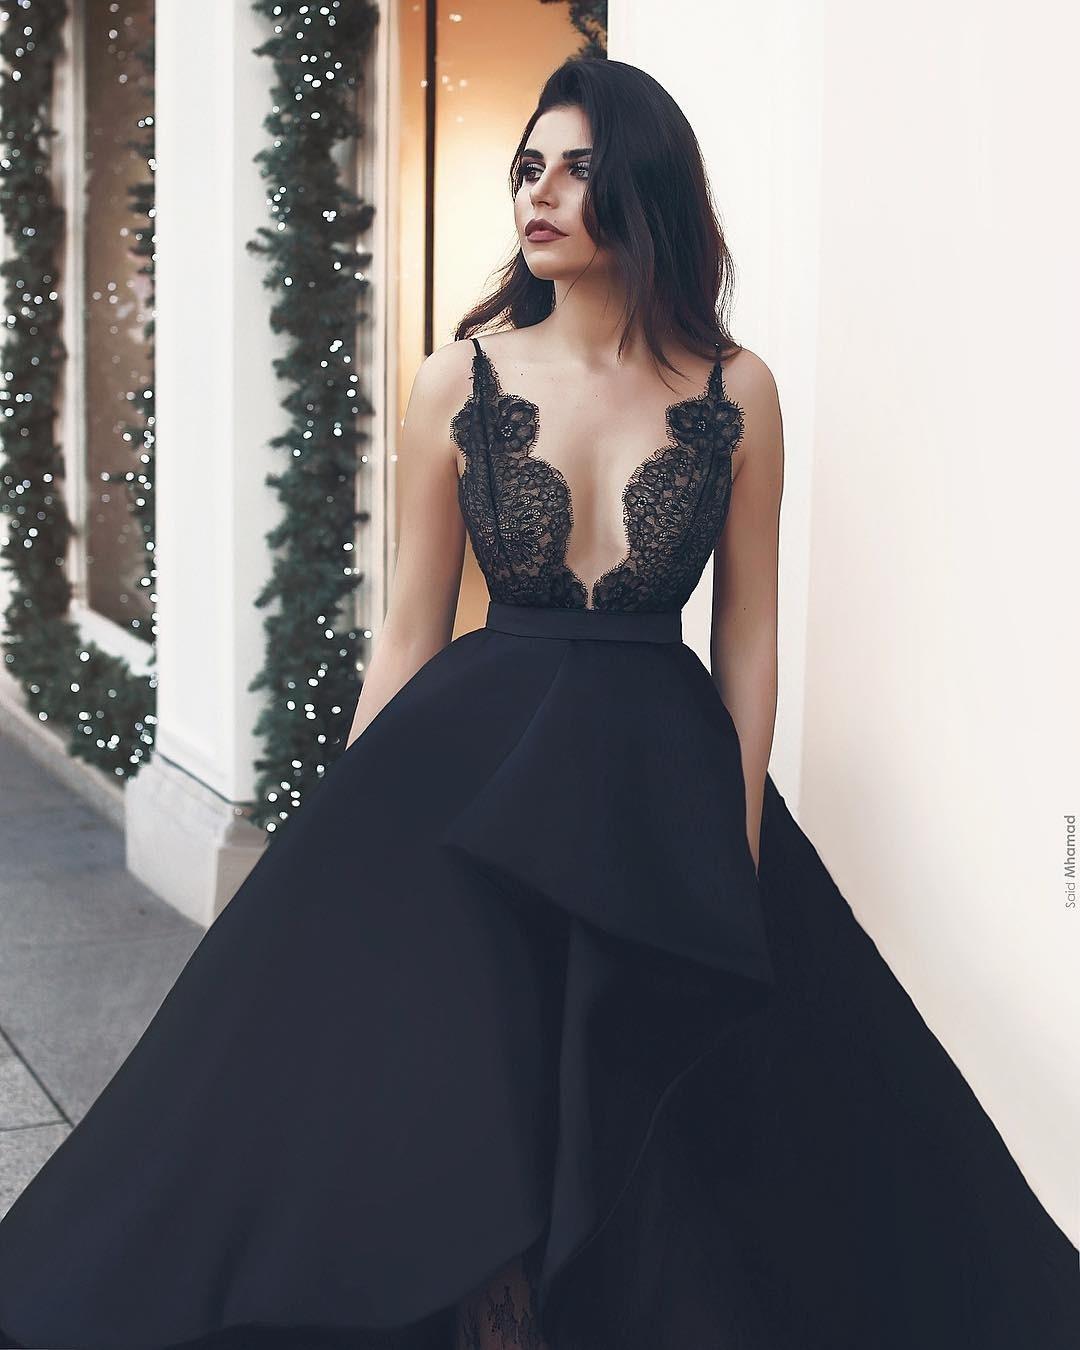 20 Leicht Abendkleid Schwarz Lang Spitze Bester Preis13 Genial Abendkleid Schwarz Lang Spitze Stylish